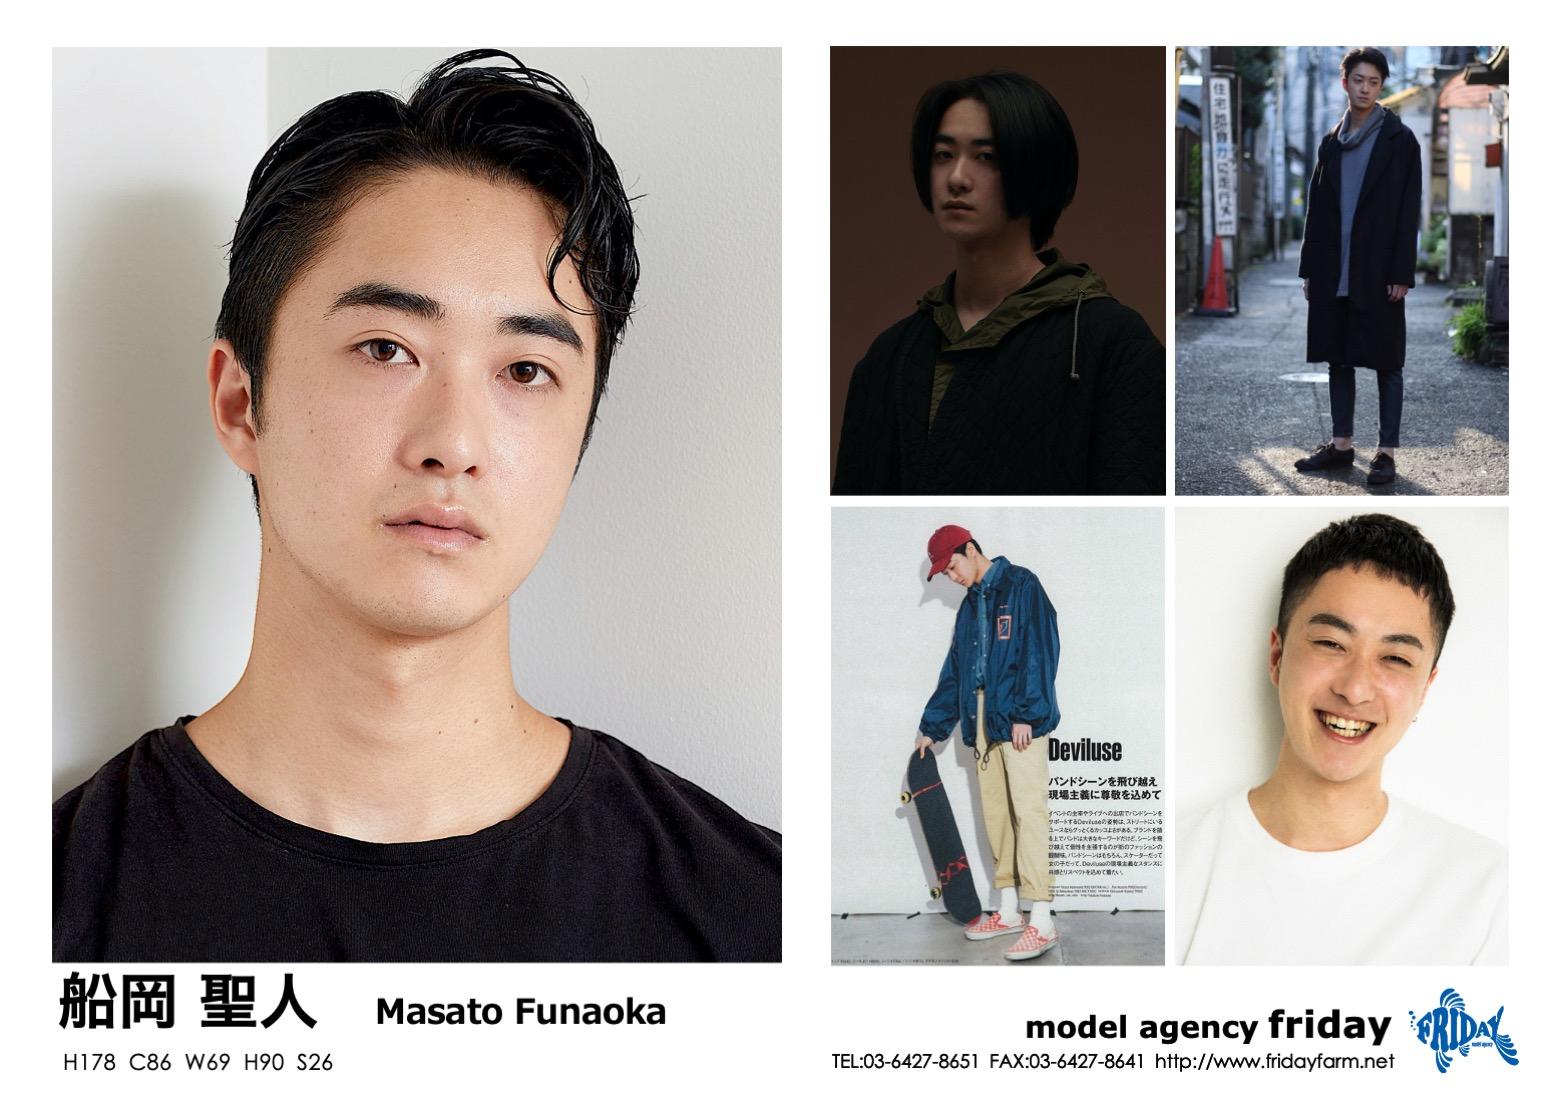 船岡 聖人 - Masato Funaoka | model agency friday